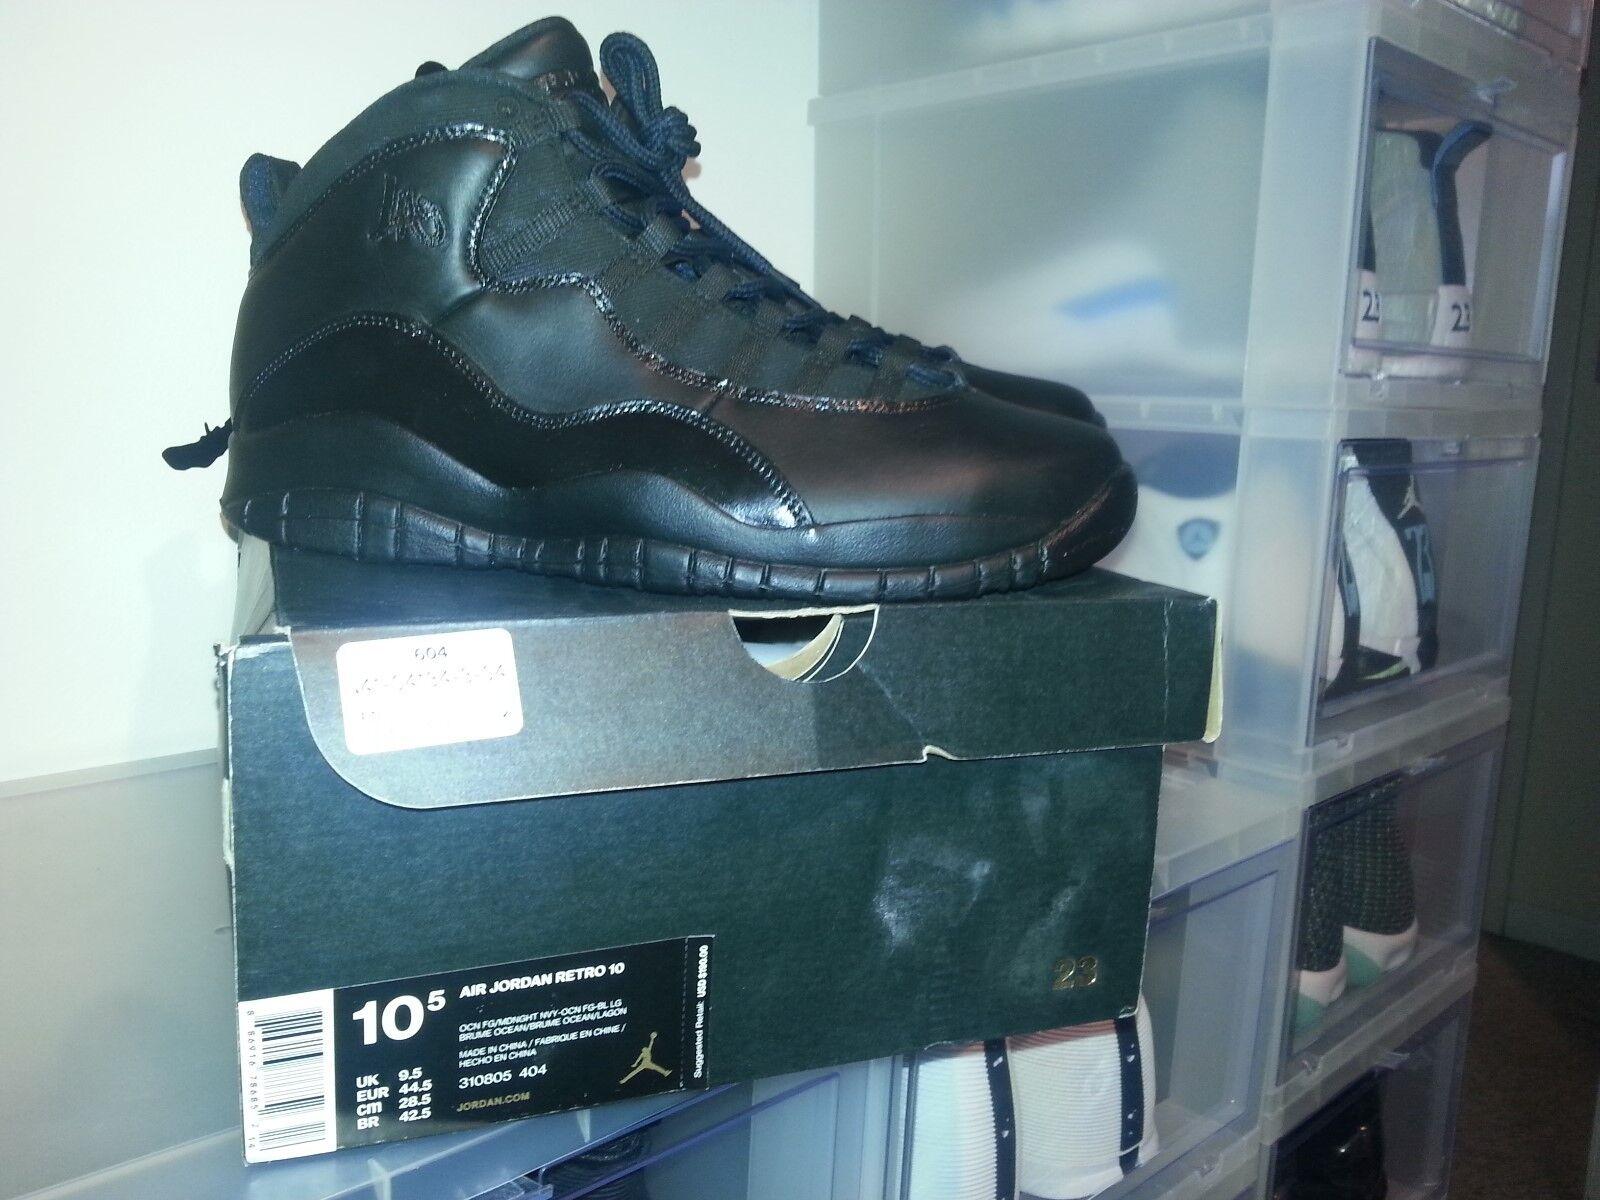 Jordan 10 retro, la Negroout Project, tamaño 10,5, 9 / de 10 Estado baratos zapatos de mujer zapatos de / mujer 127d66